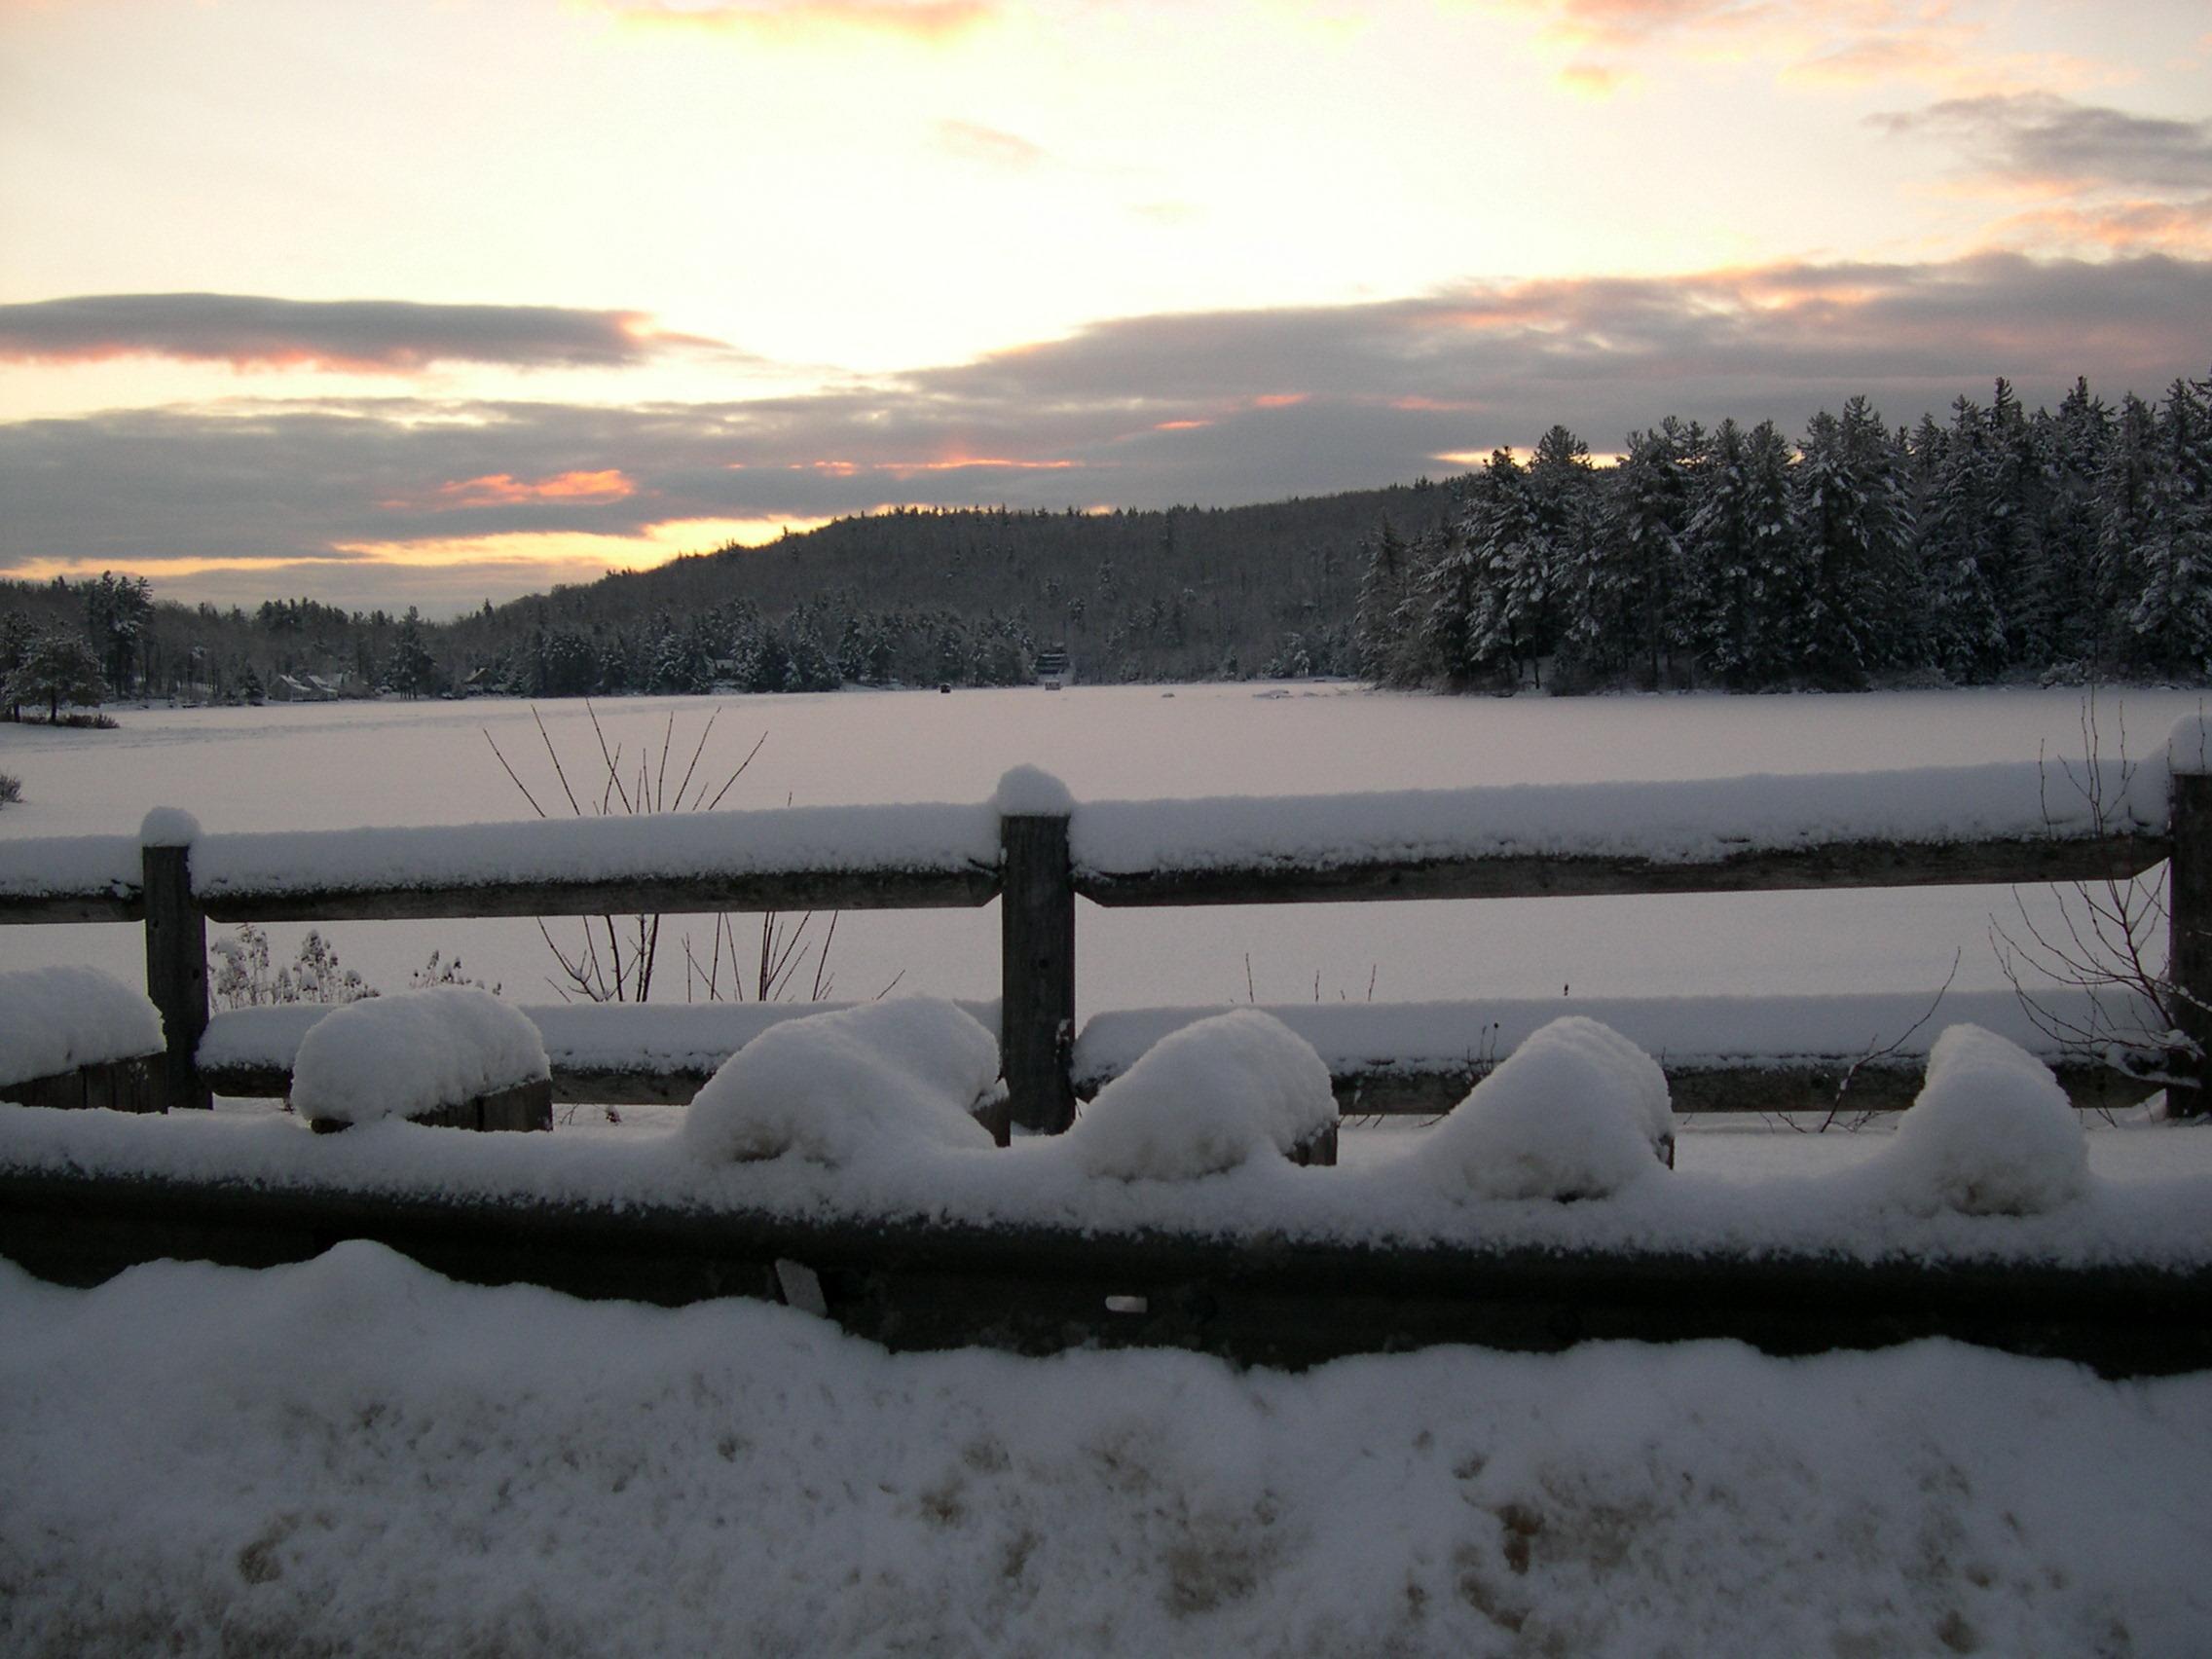 winter snow at lake